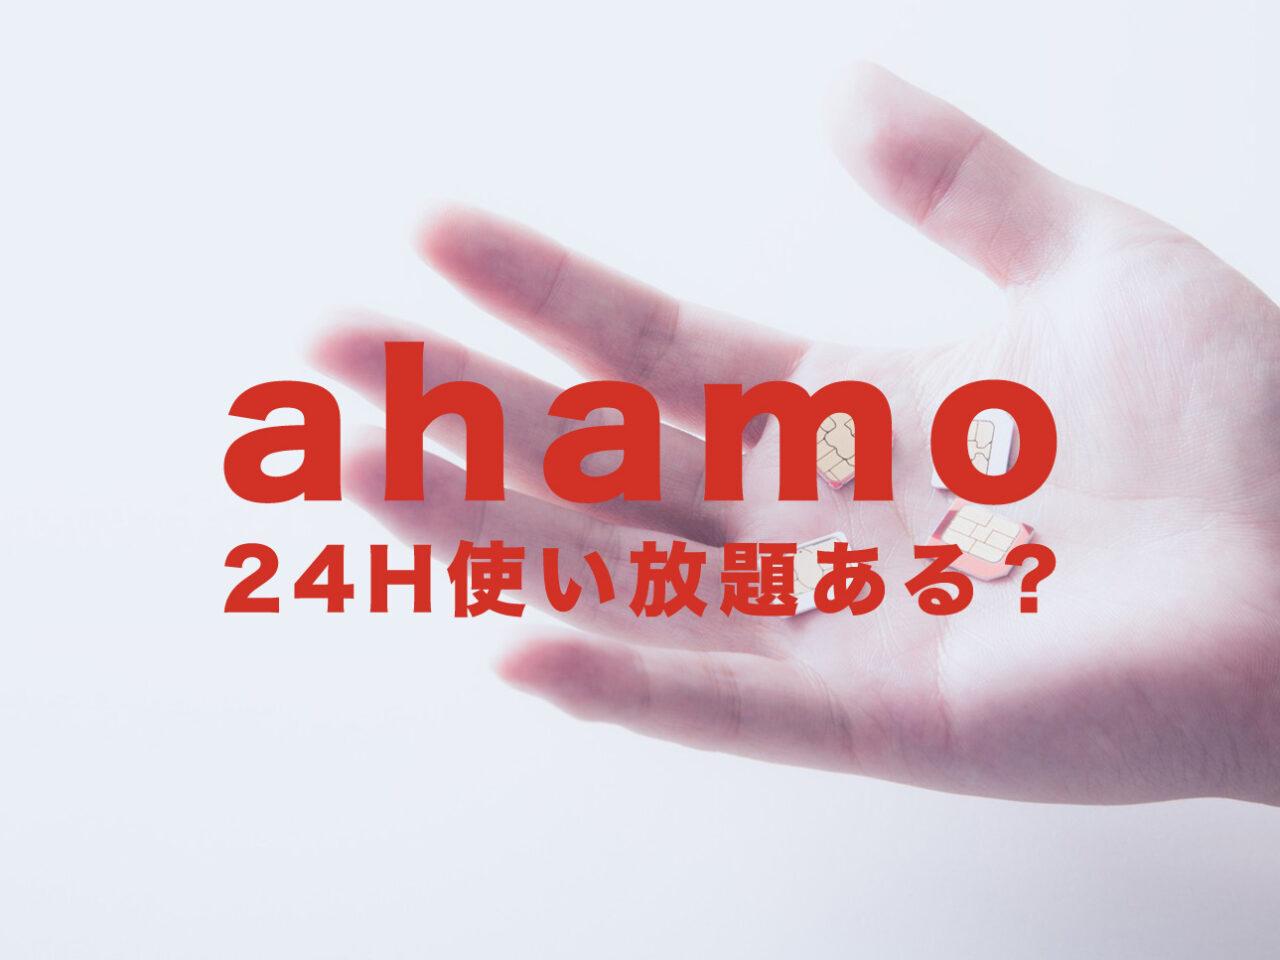 ahamo(アハモ)で24時間データ使い放題オプションはある?のサムネイル画像